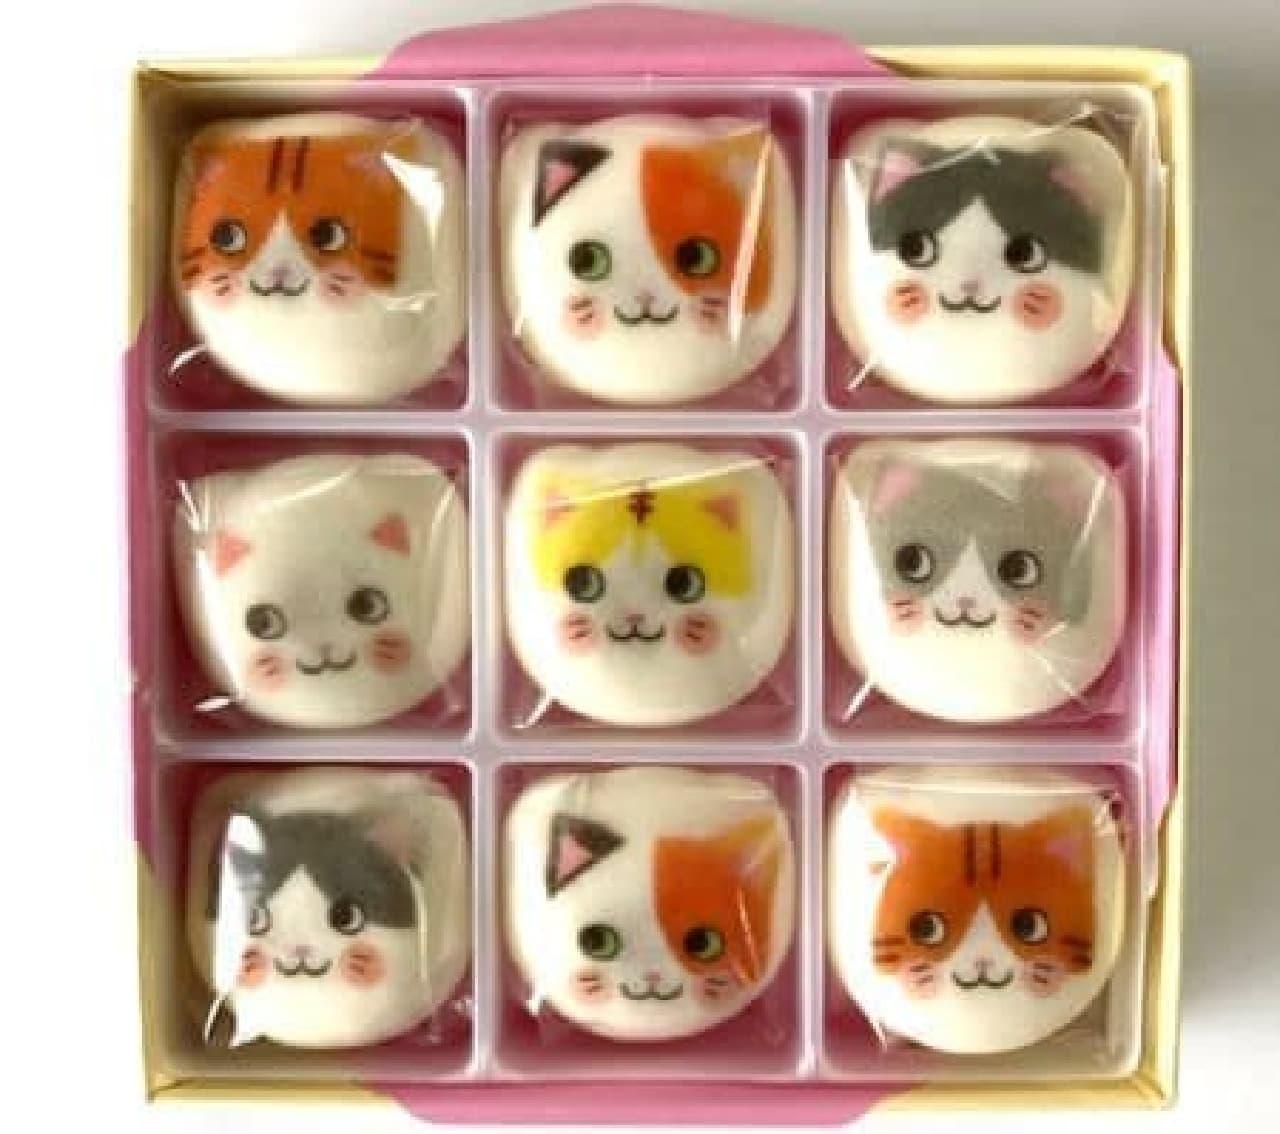 「あっちむいてニャン」はかわいらしい猫の表情がプリントされた和風マシュマロ